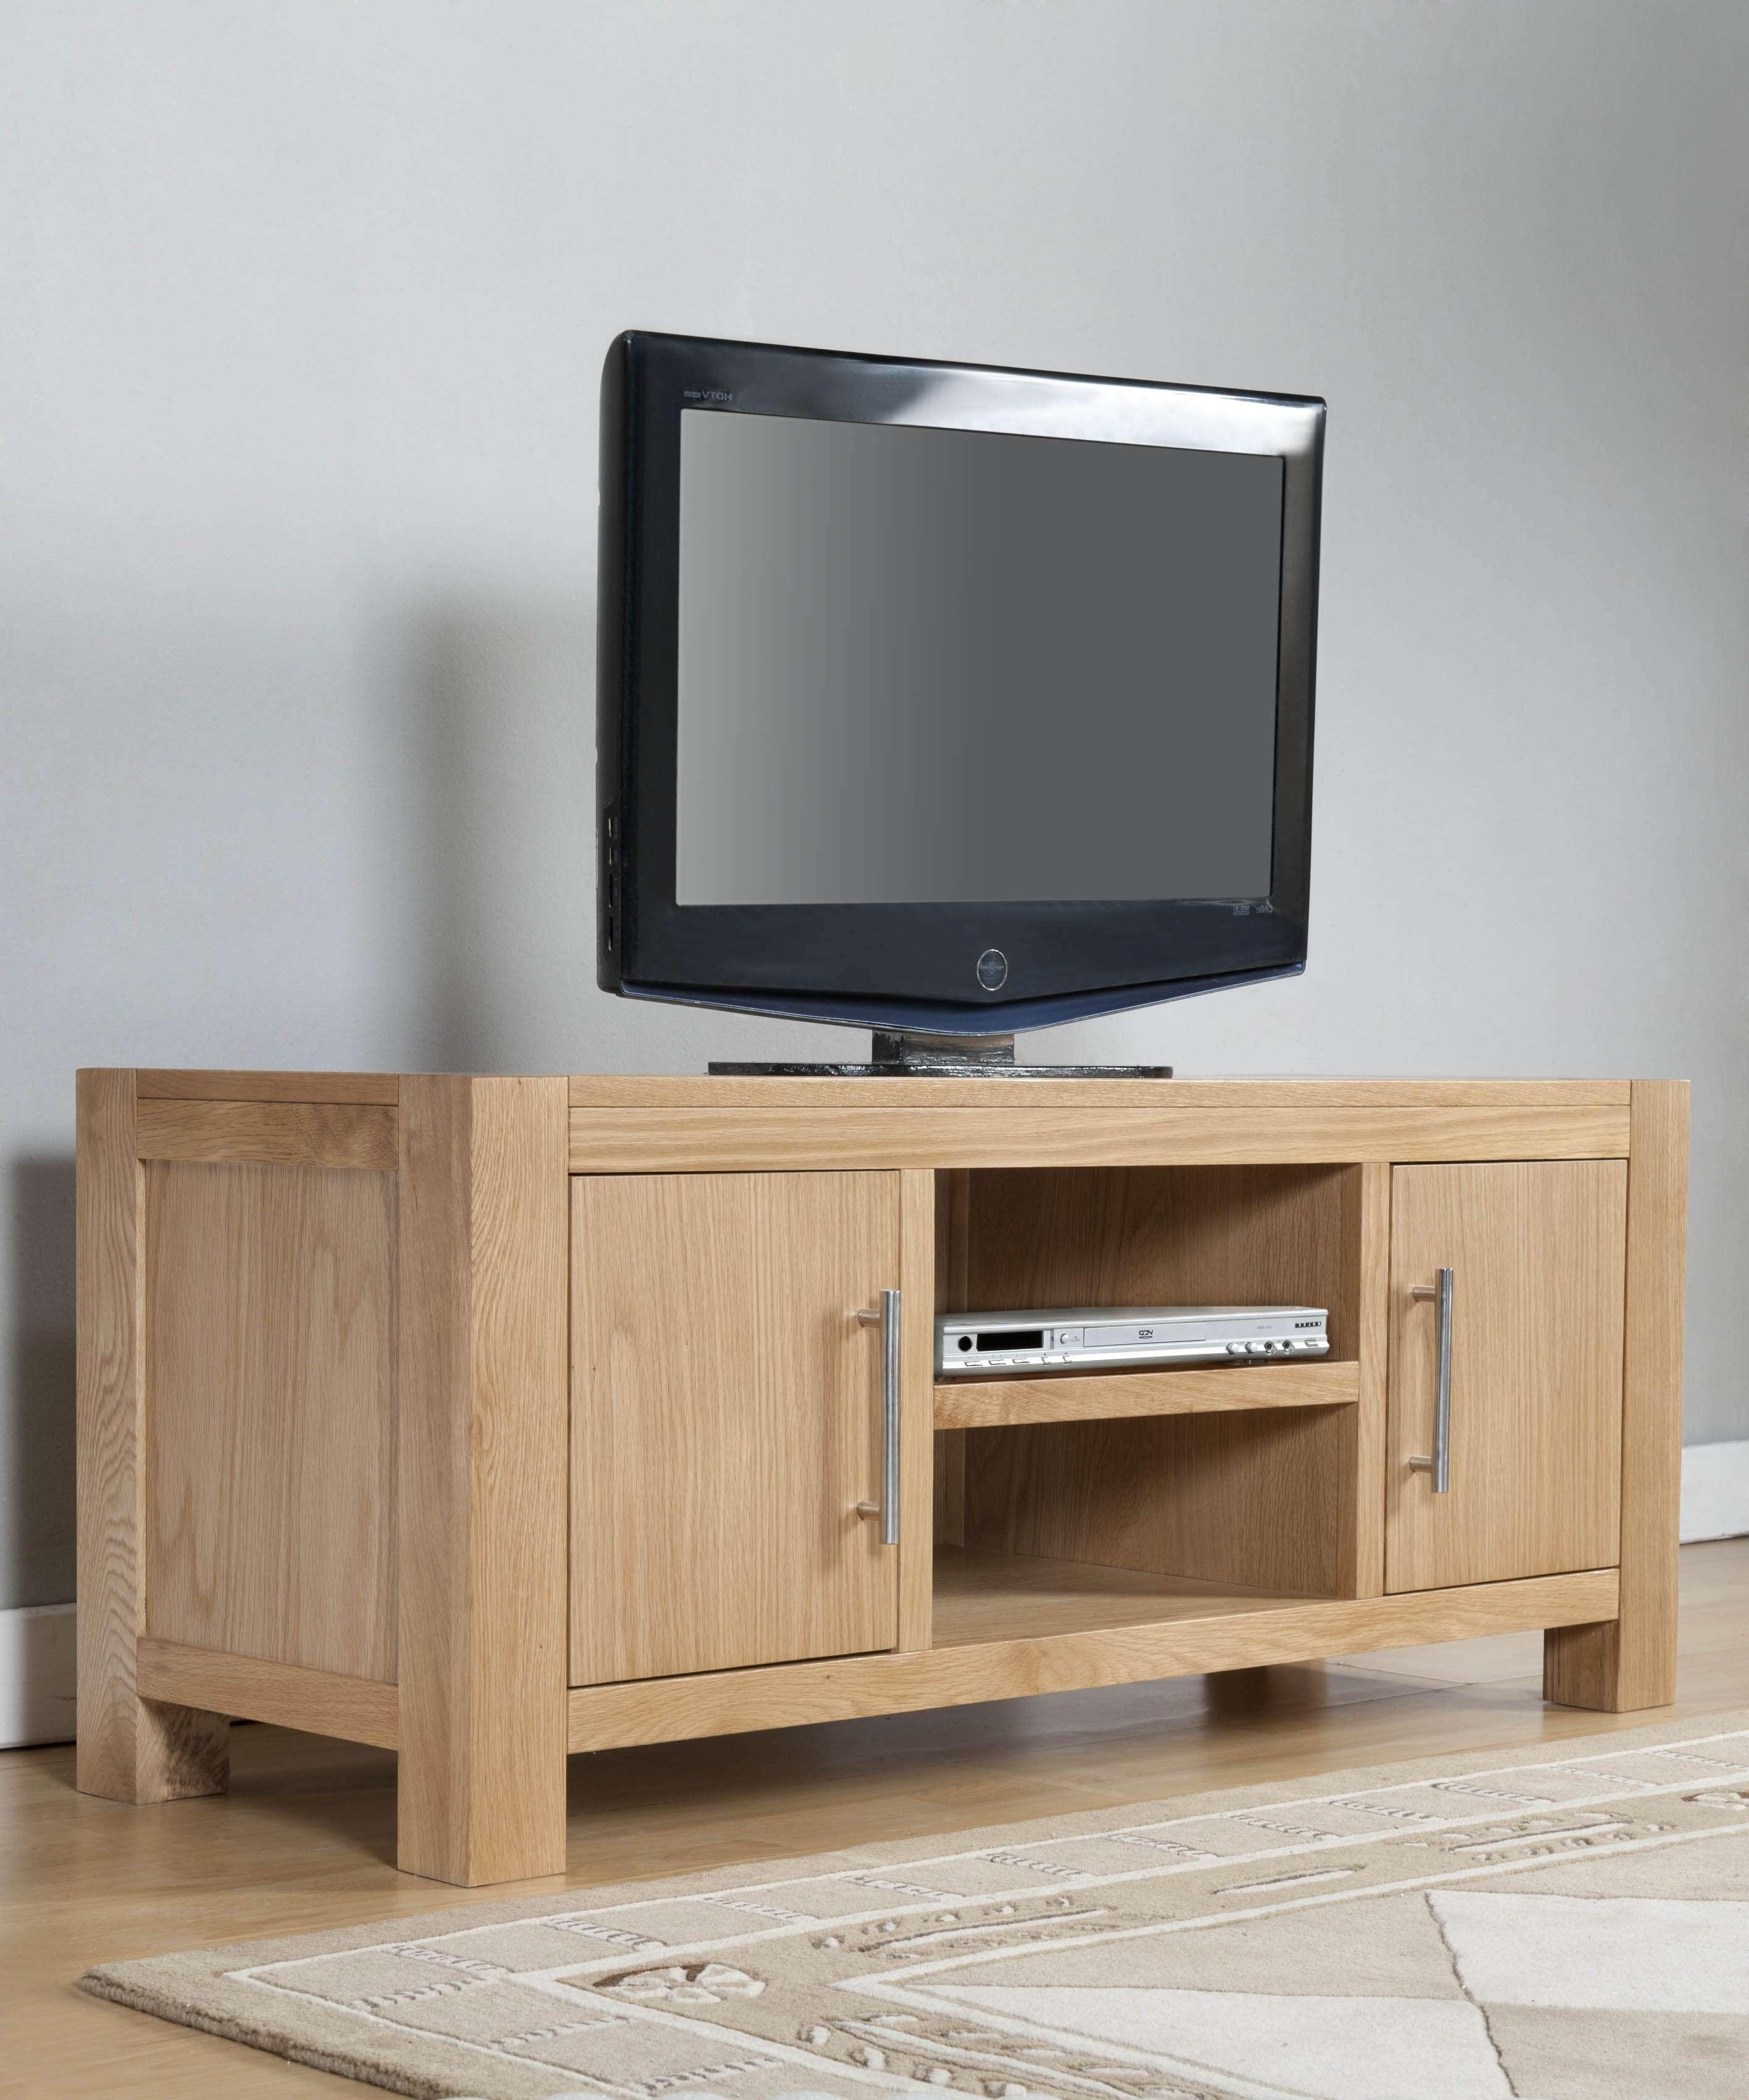 Milano Oak 2 Door Tv Stand With Shelf | Oak Furniture Solutions Regarding Oak Tv Cabinets With Doors (View 6 of 20)